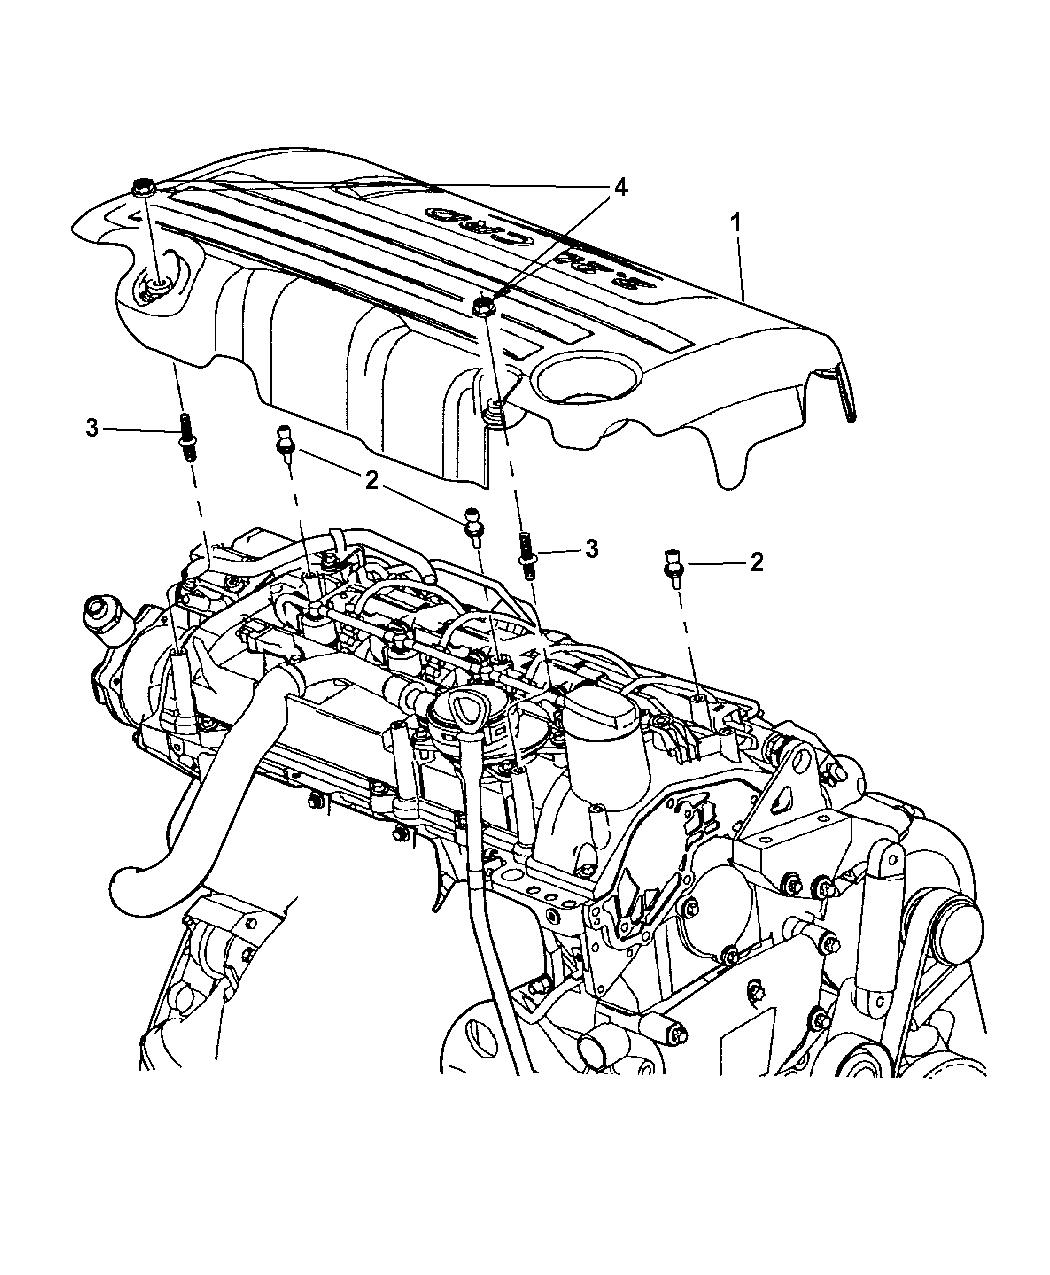 2003 chrysler pt cruiser cover - engine - mopar parts giant 2003 pt cruiser engine diagram 2003 pt cruiser knock sensor location mopar parts giant